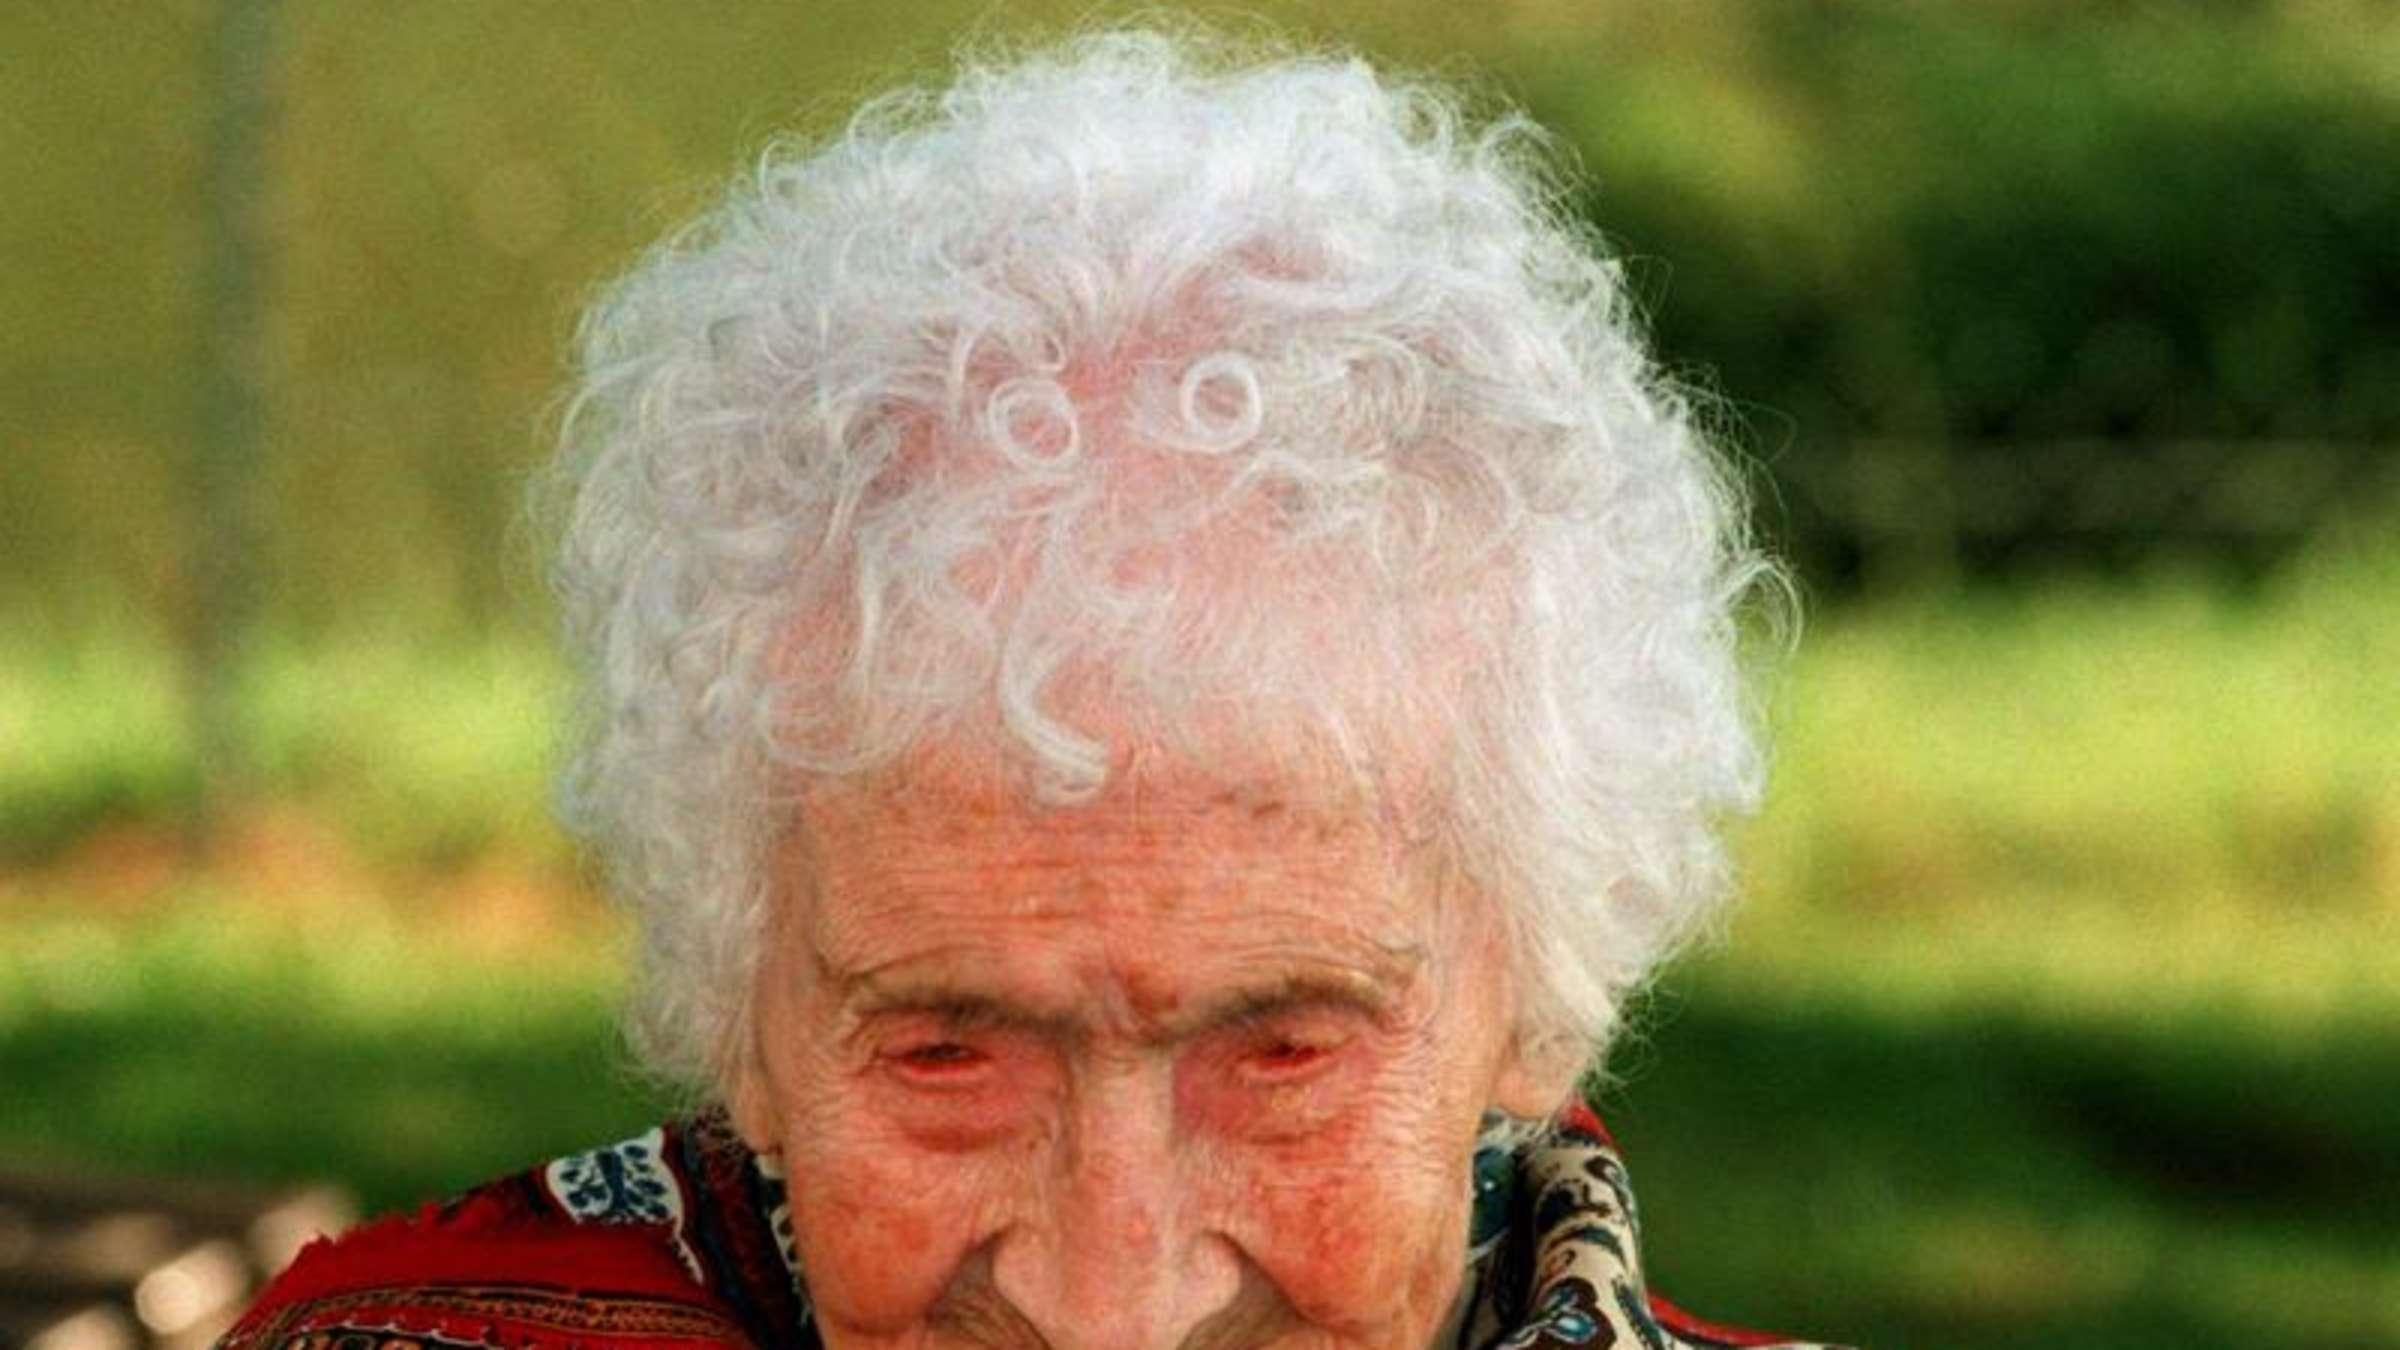 Durchschnittlich im menschen lange altersheim wie leben wer weiß